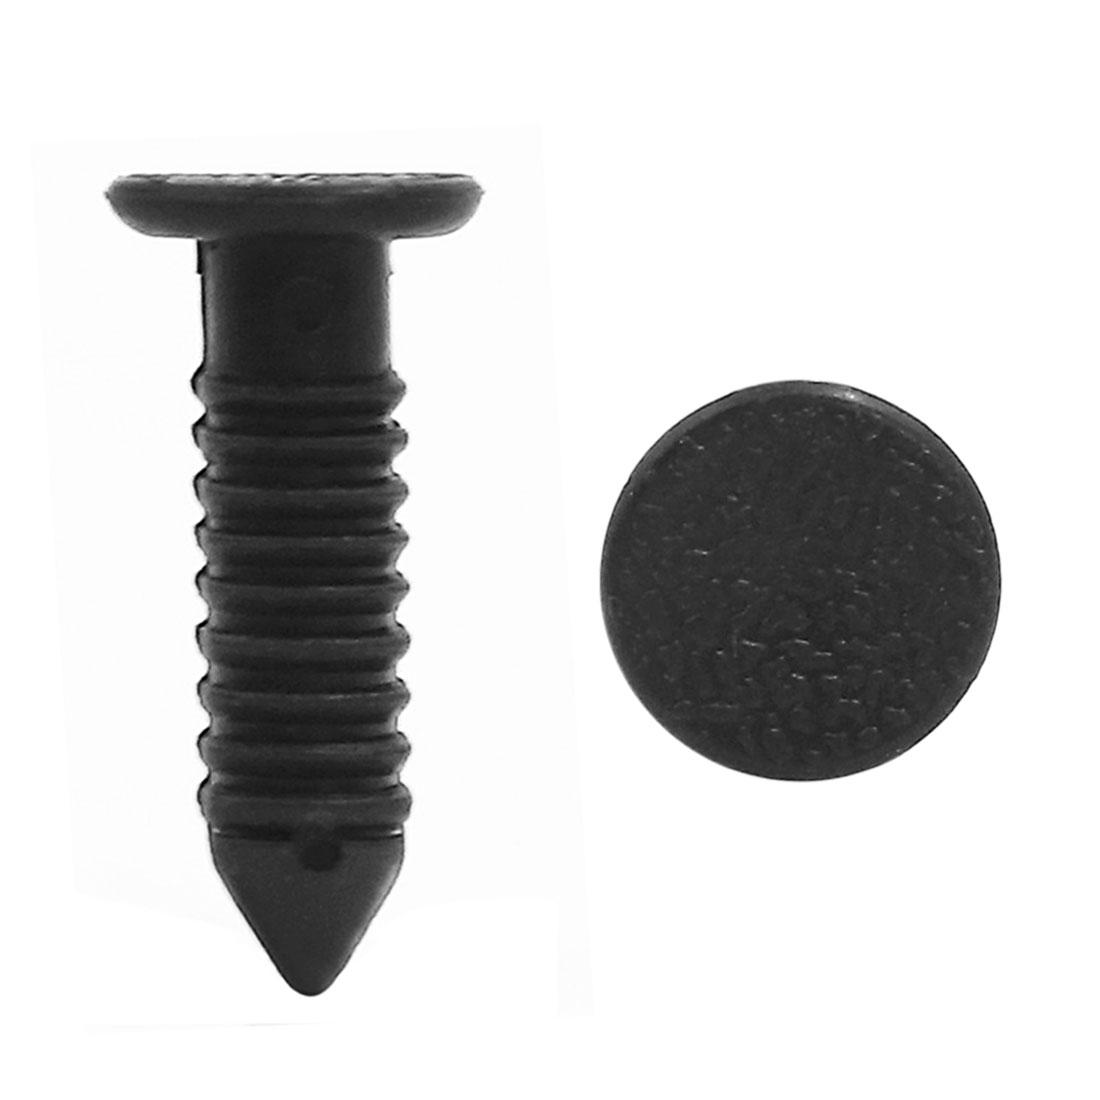 50 Pcs Plastic Car Rivets Retainer 8.5mm Hole Fender Bumper Push Pin Clip Black